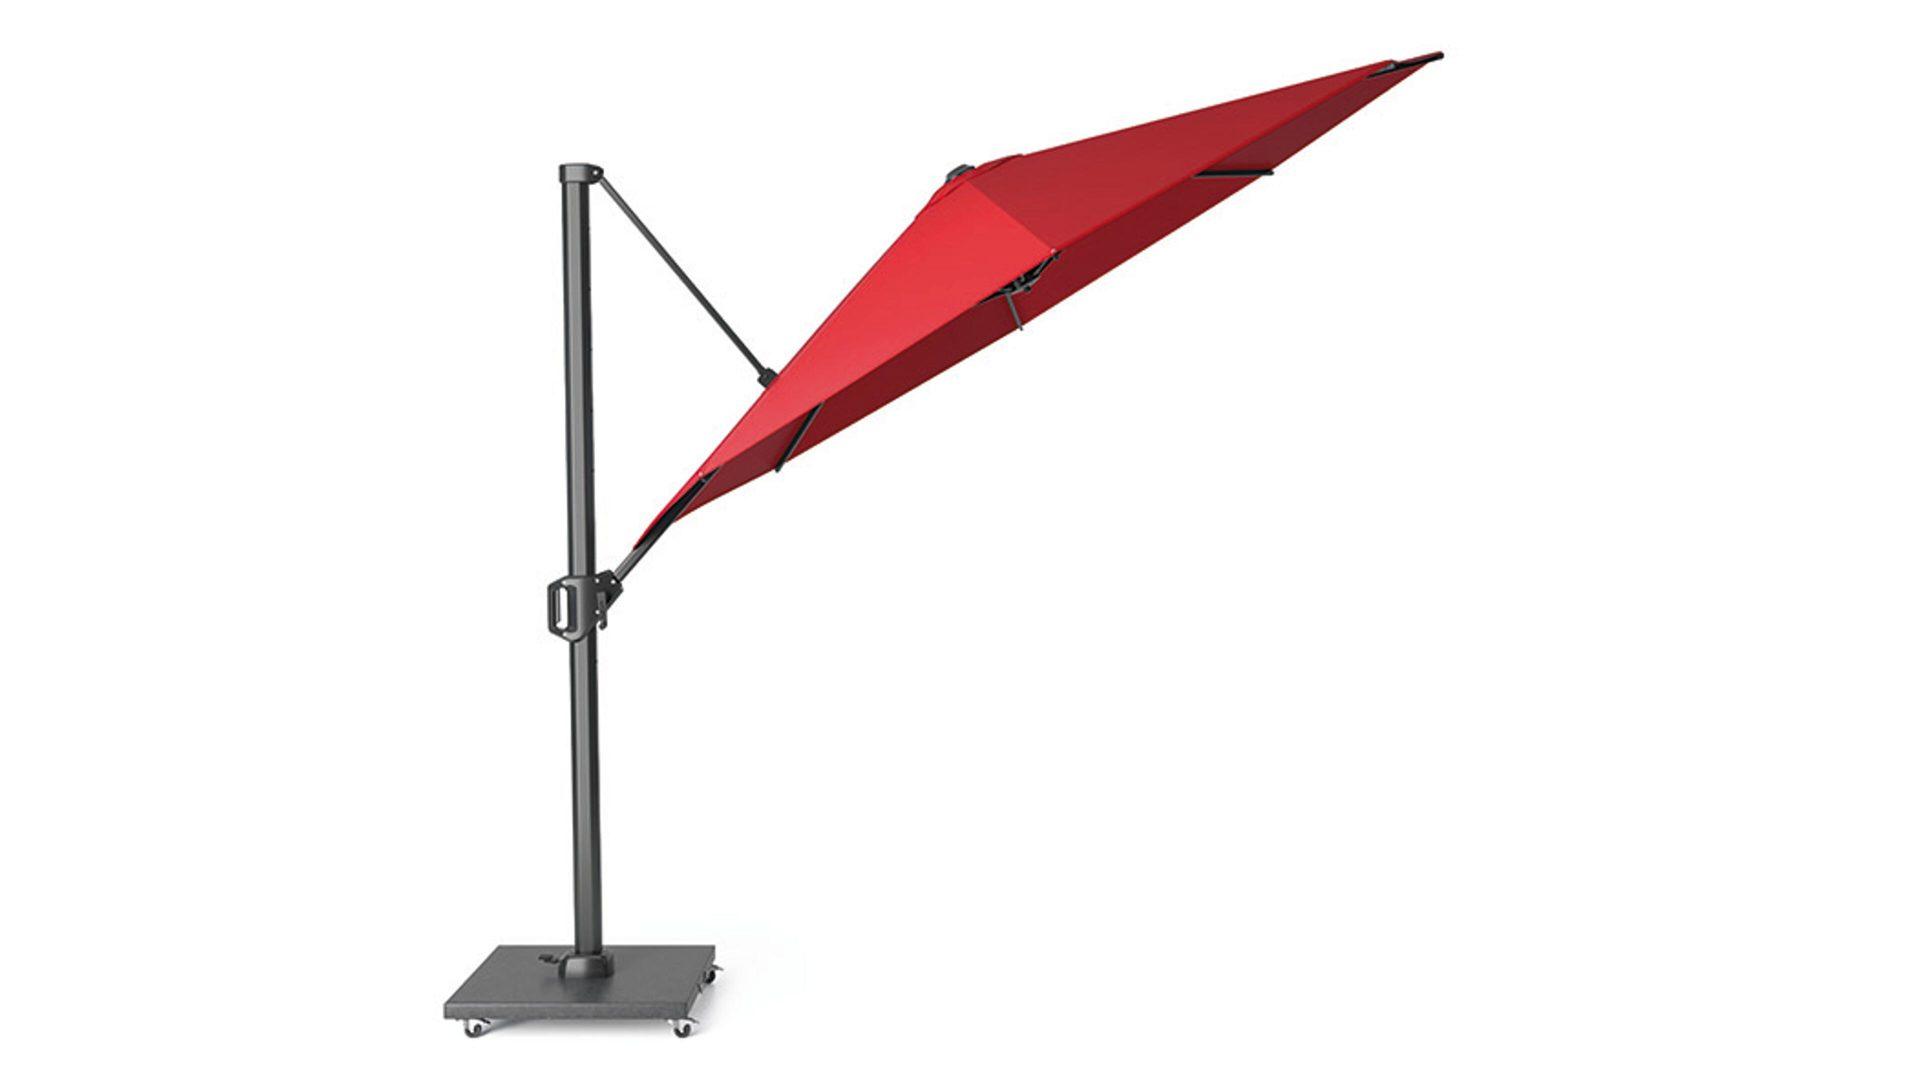 Siena Garden Ampelschirm Sunset Roter Bezug Durchmesser Ca 350